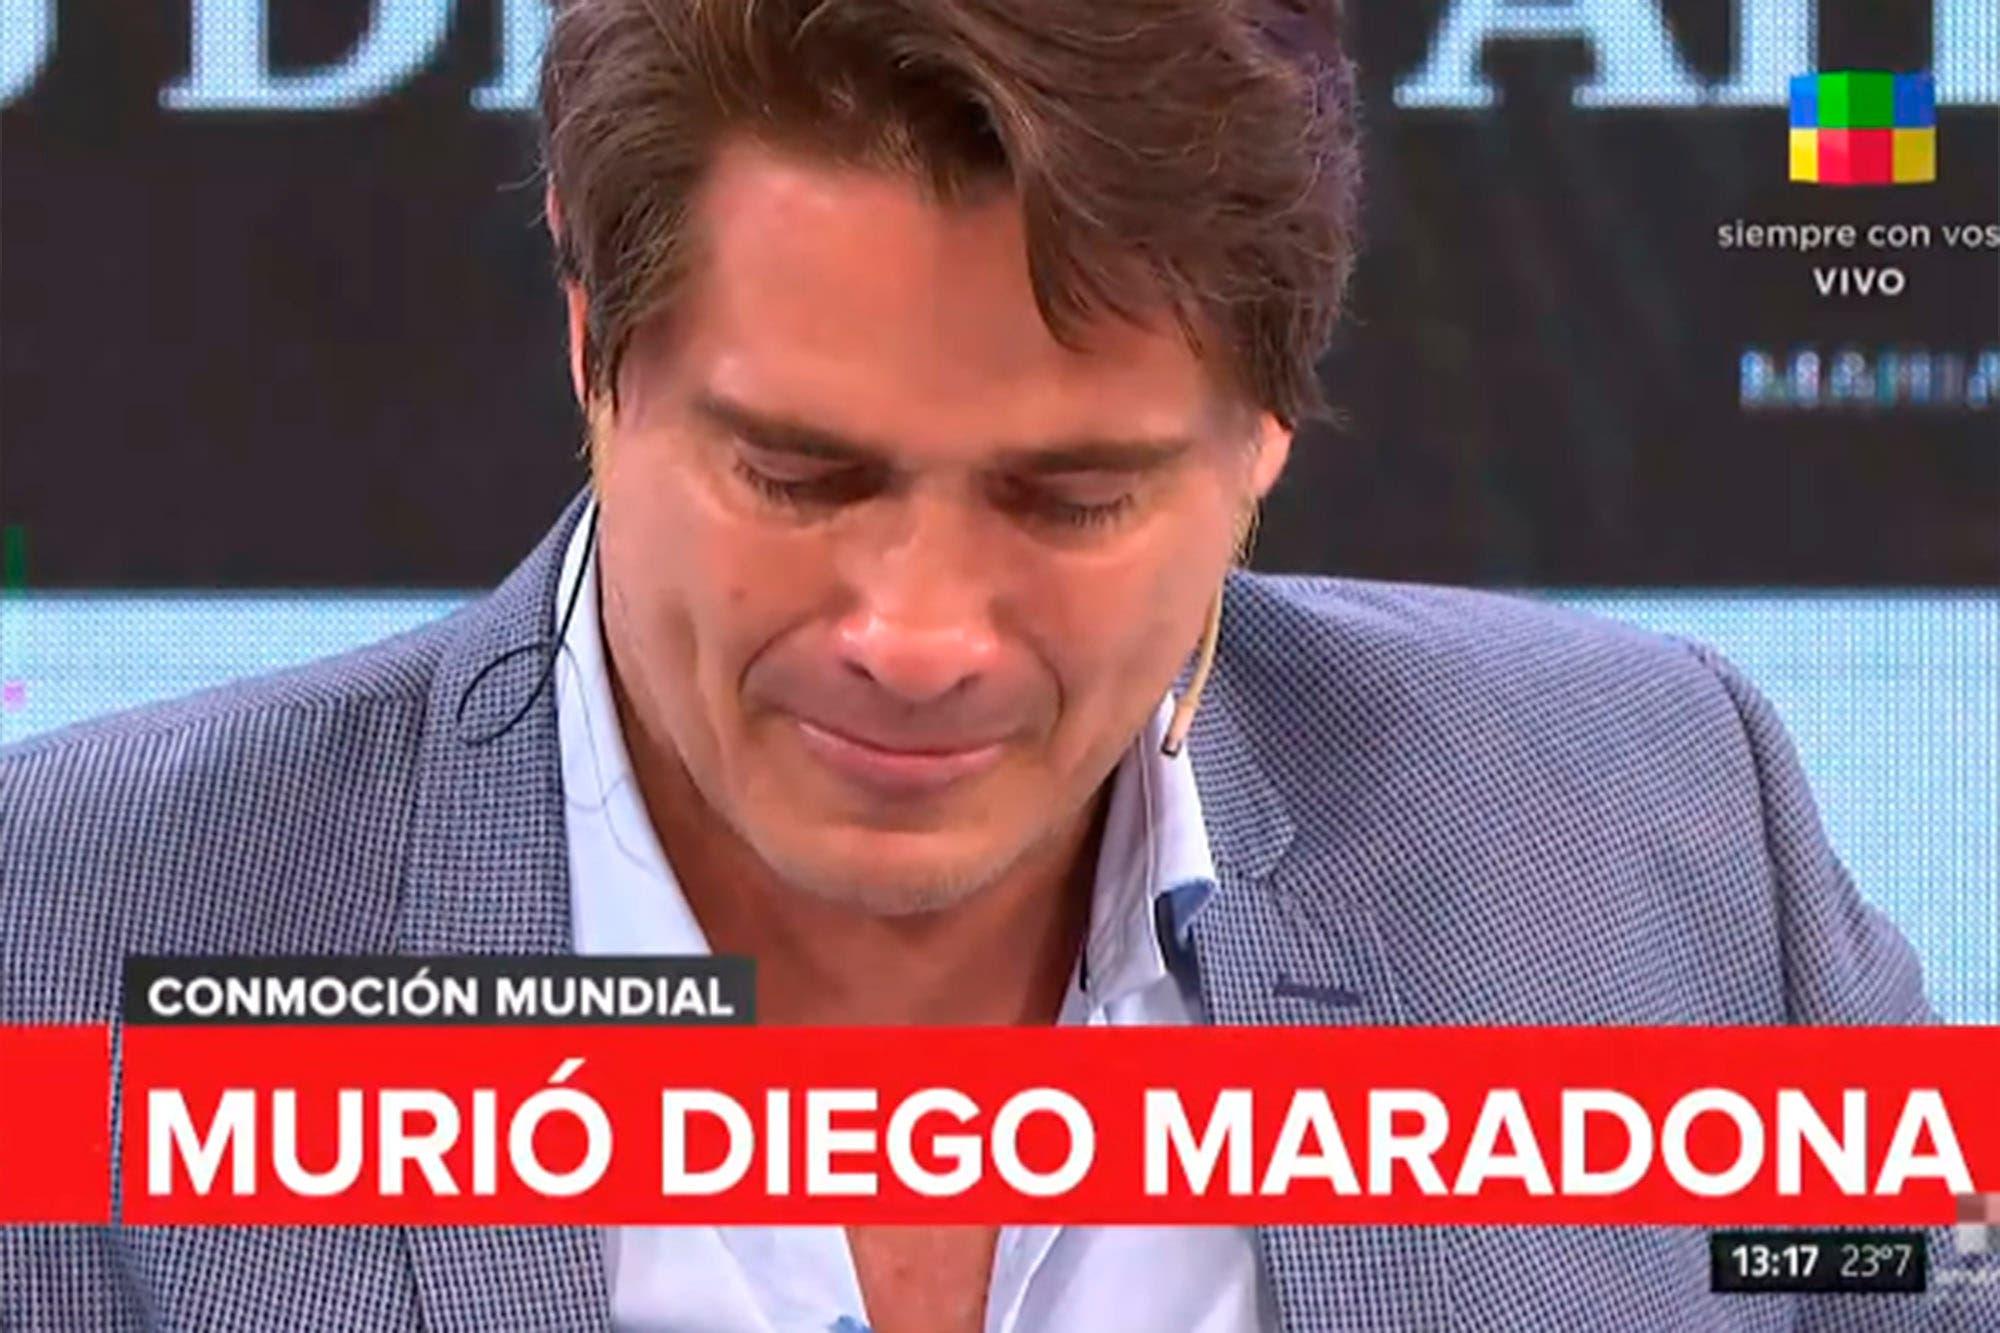 La muerte de Diego Maradona: el llanto de Guillermo Andino y la anécdota de Toti Pasman